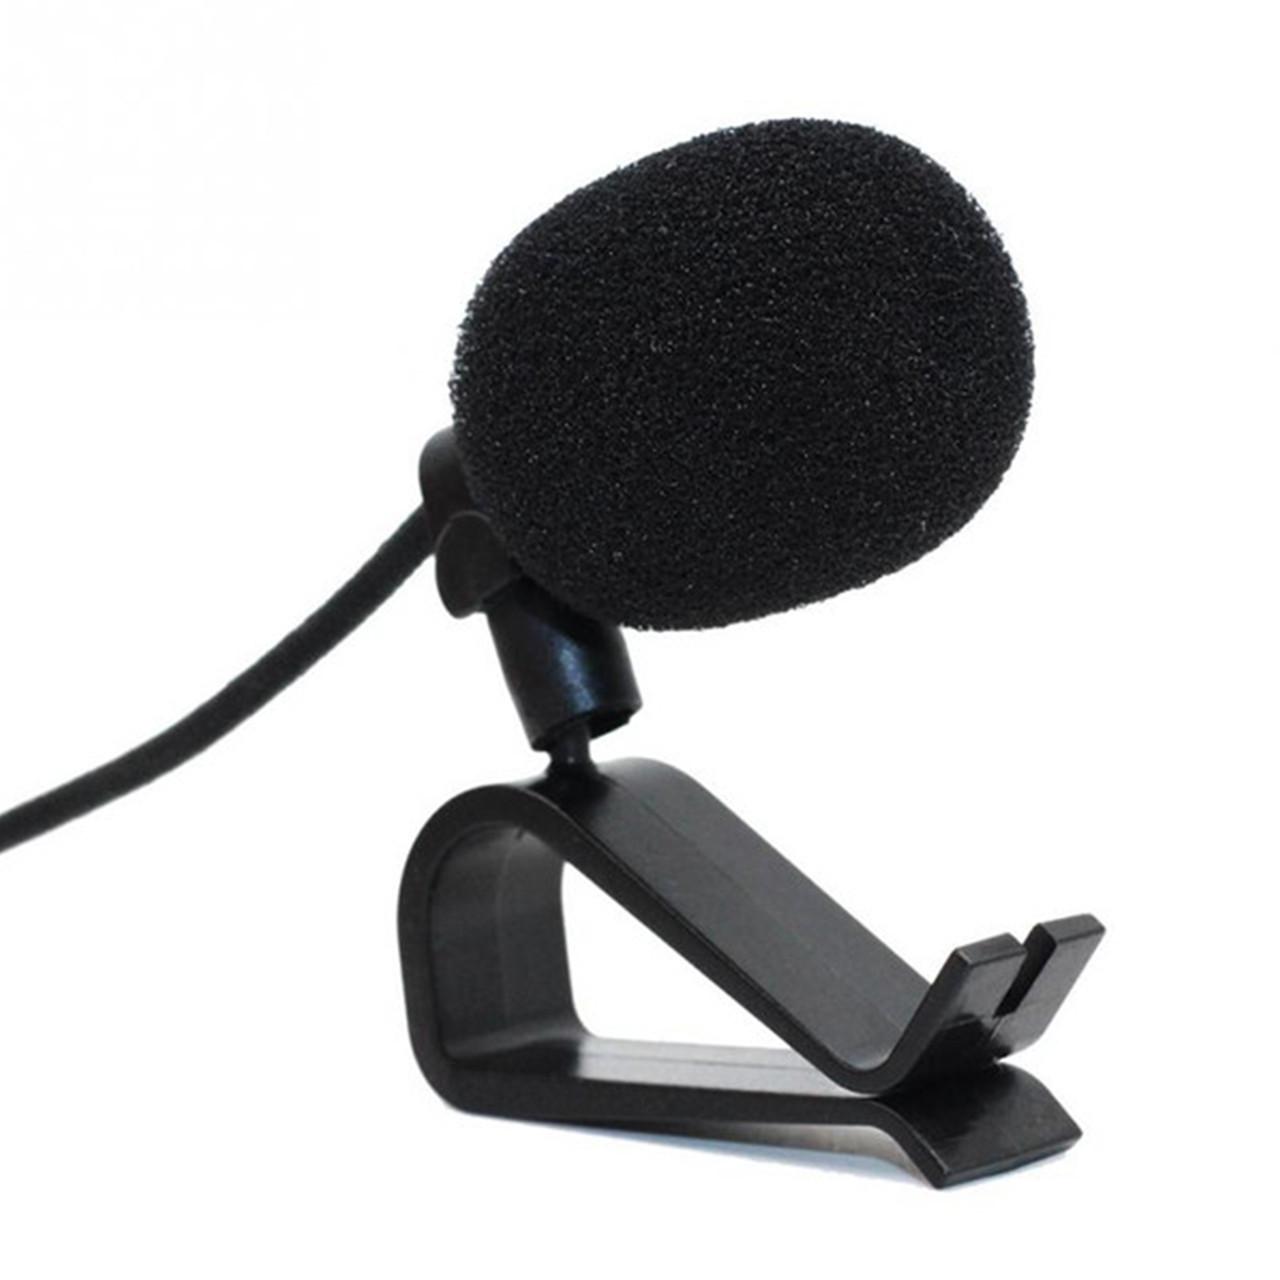 Микрофон для экшн-камеры SOOCOO s200 (3920-11318)